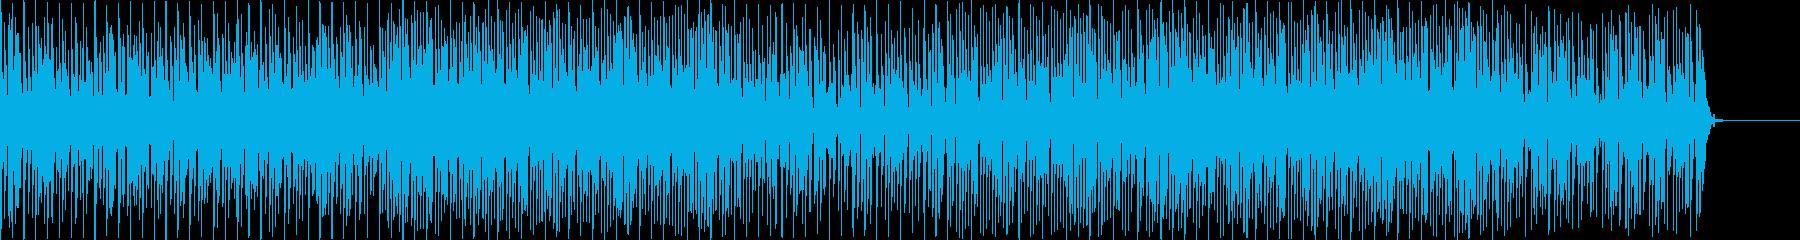 ゆったりとした雰囲気のエレクトロニカの再生済みの波形